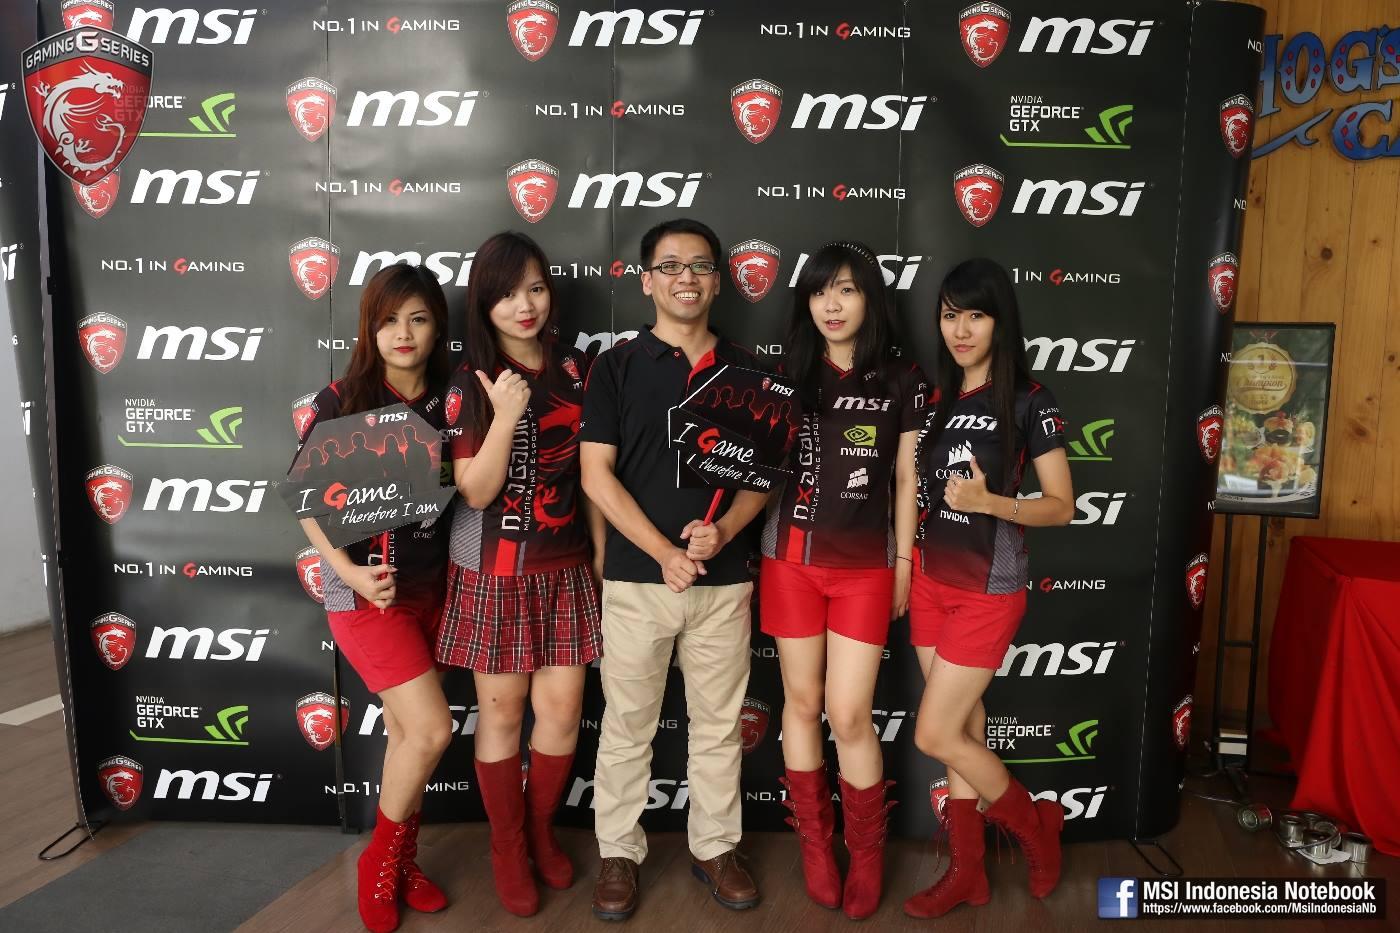 MSI dragon army gathering : MSI PESTIGE INDONESIA